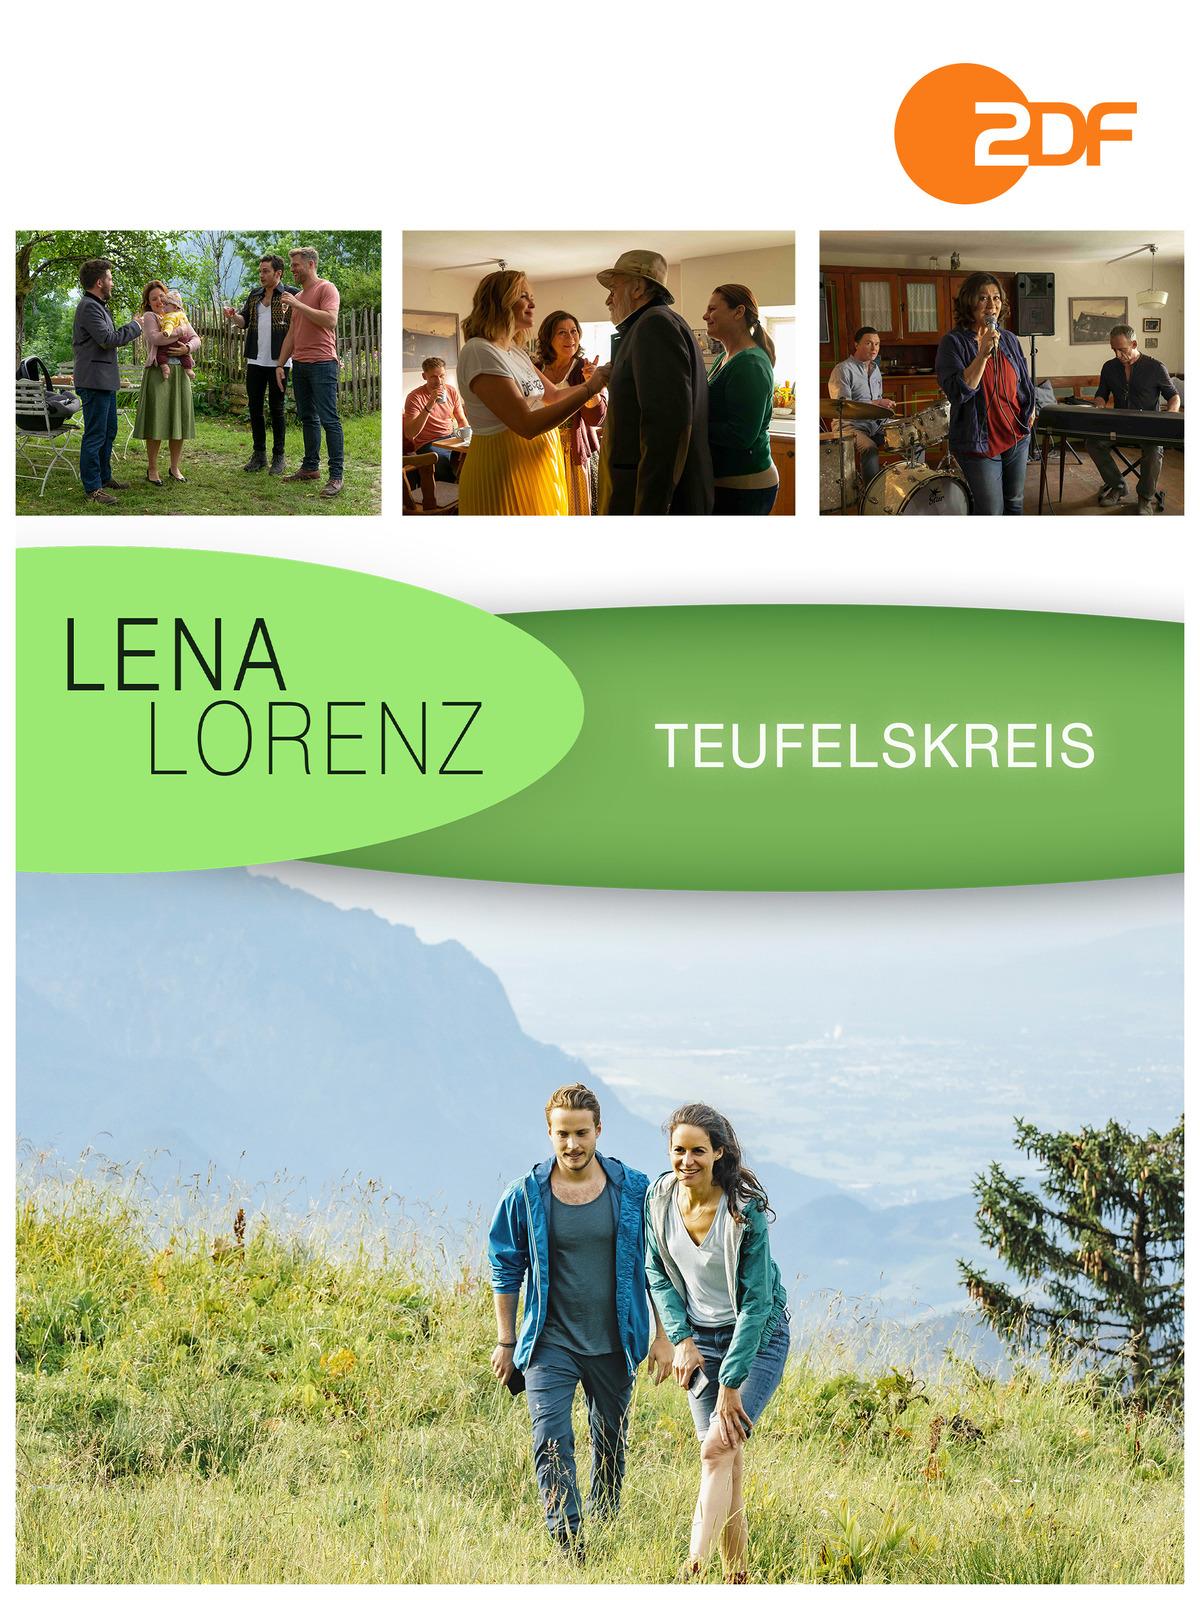 Lena Lorenz - Teufelskreis